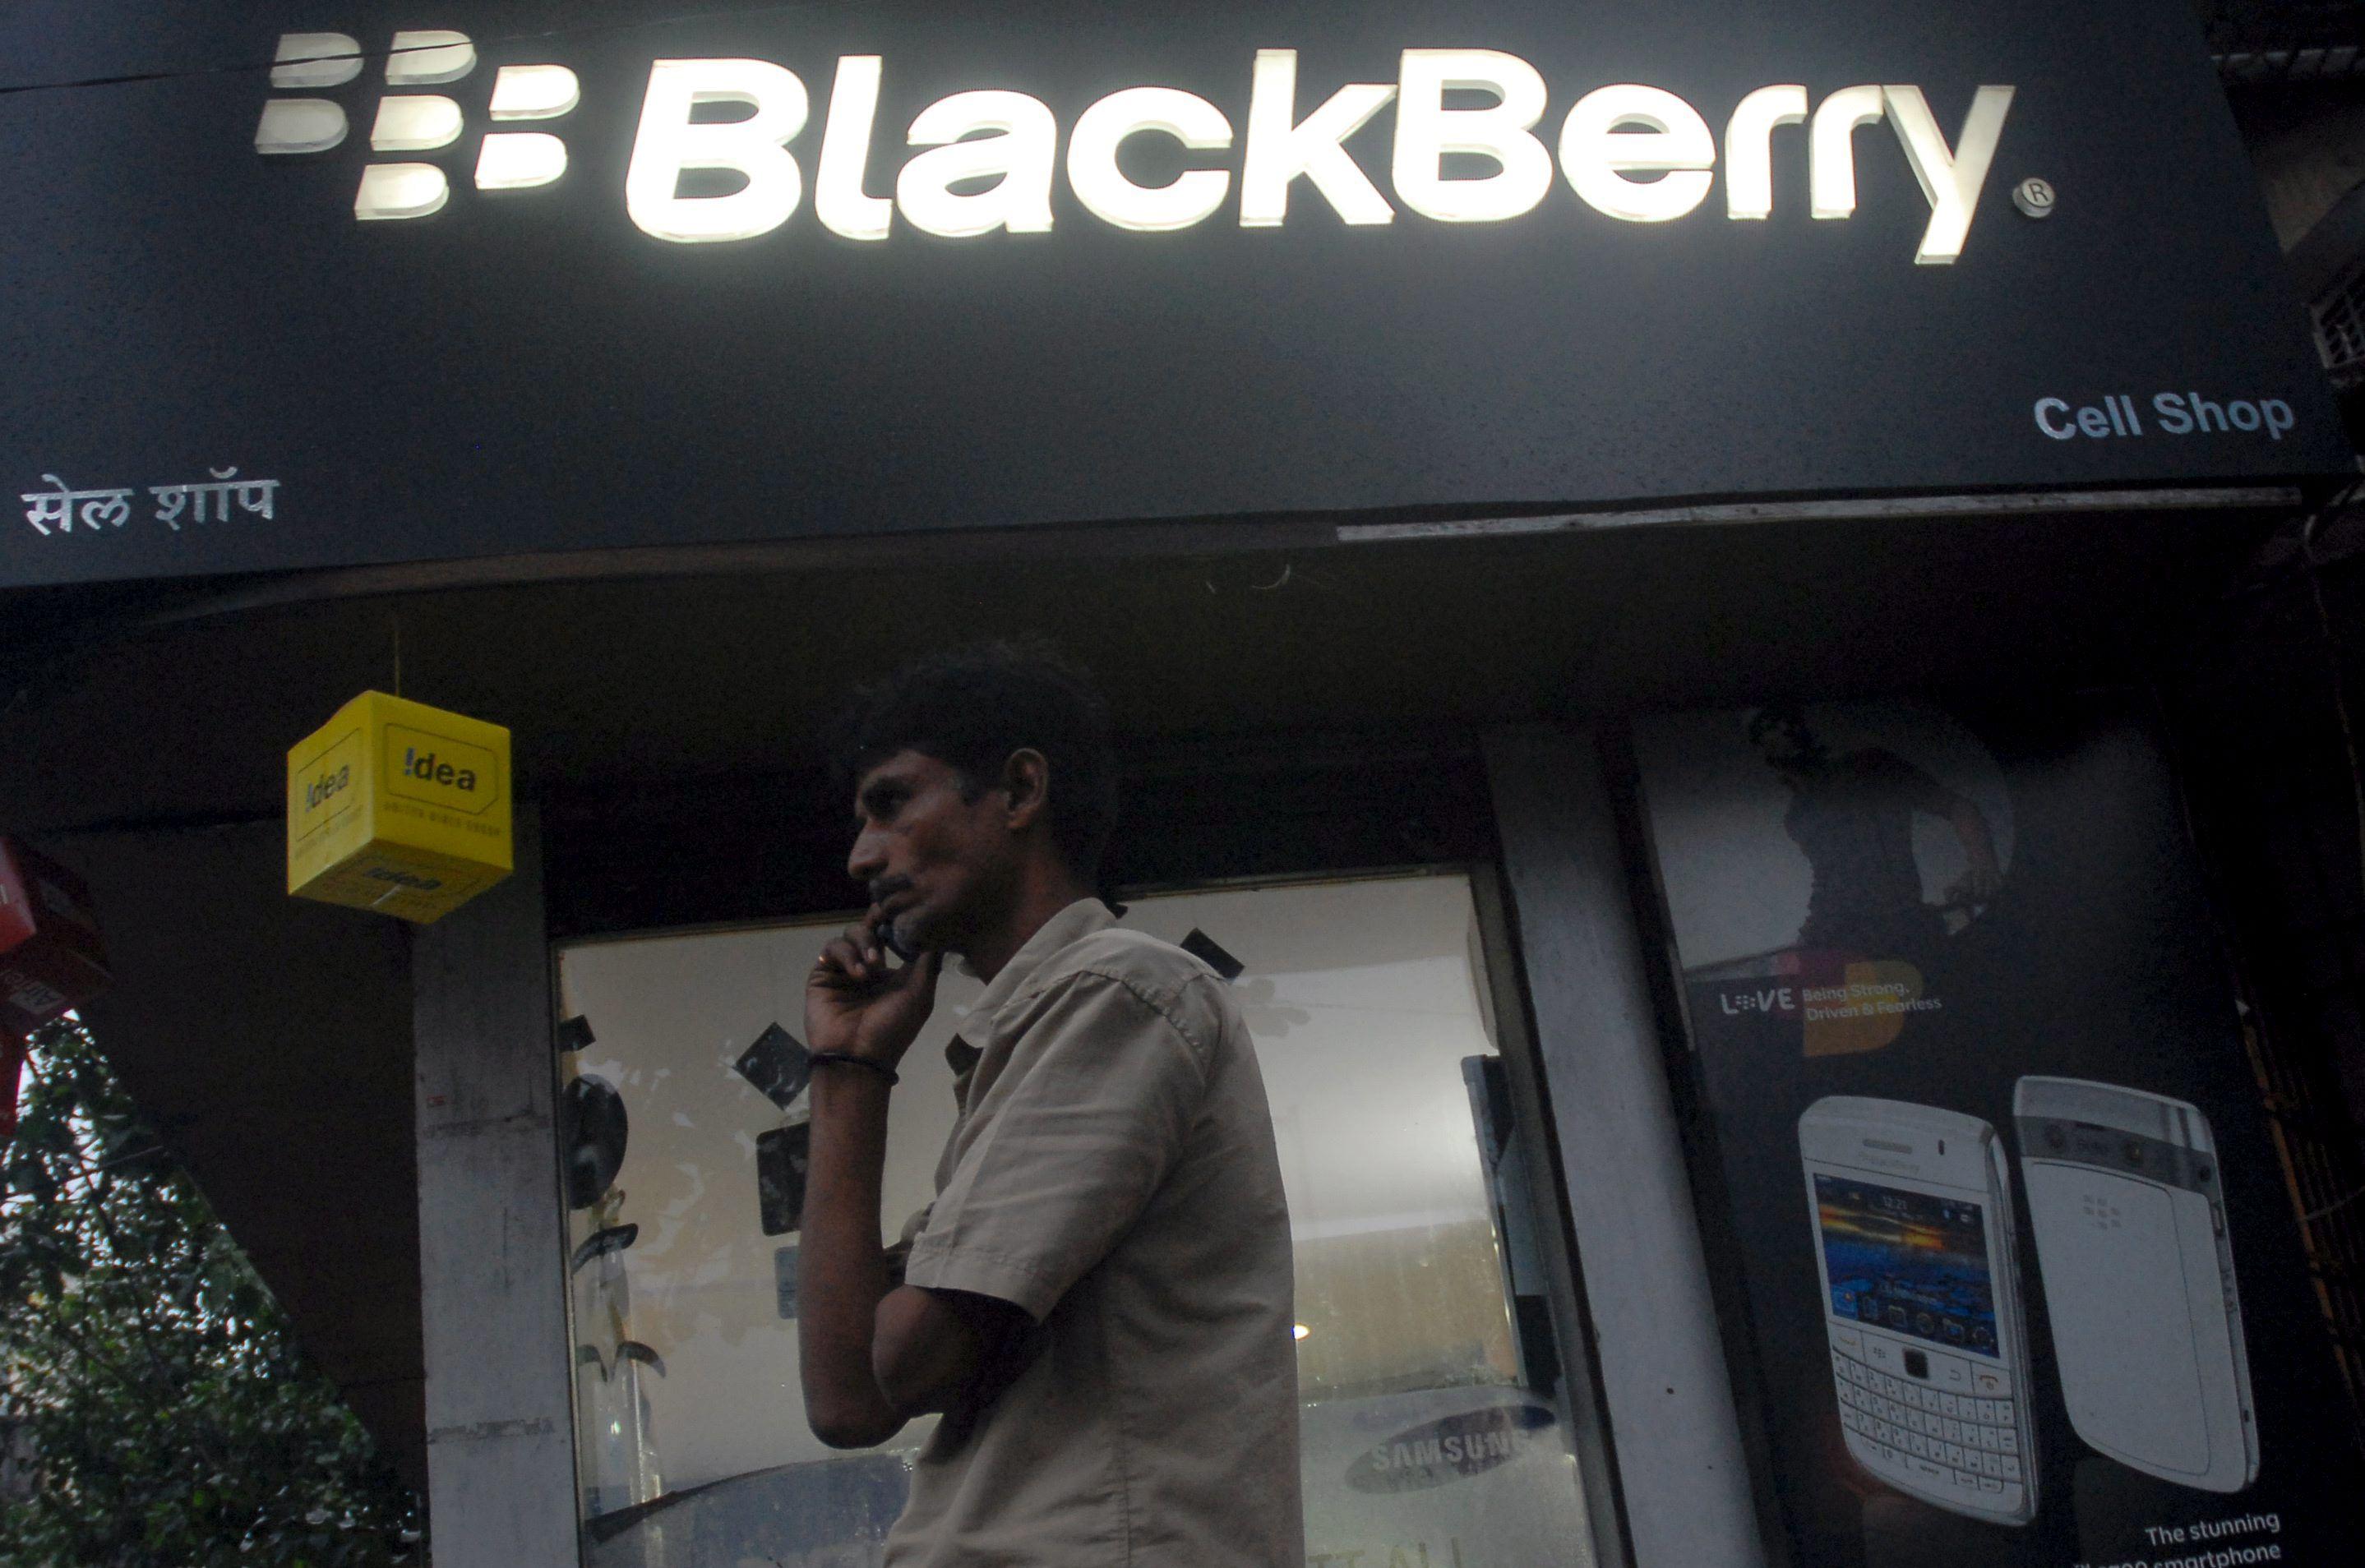 BlackBerry despedirá a 4.500 empleados y prevé 1.000 millones de pérdidas